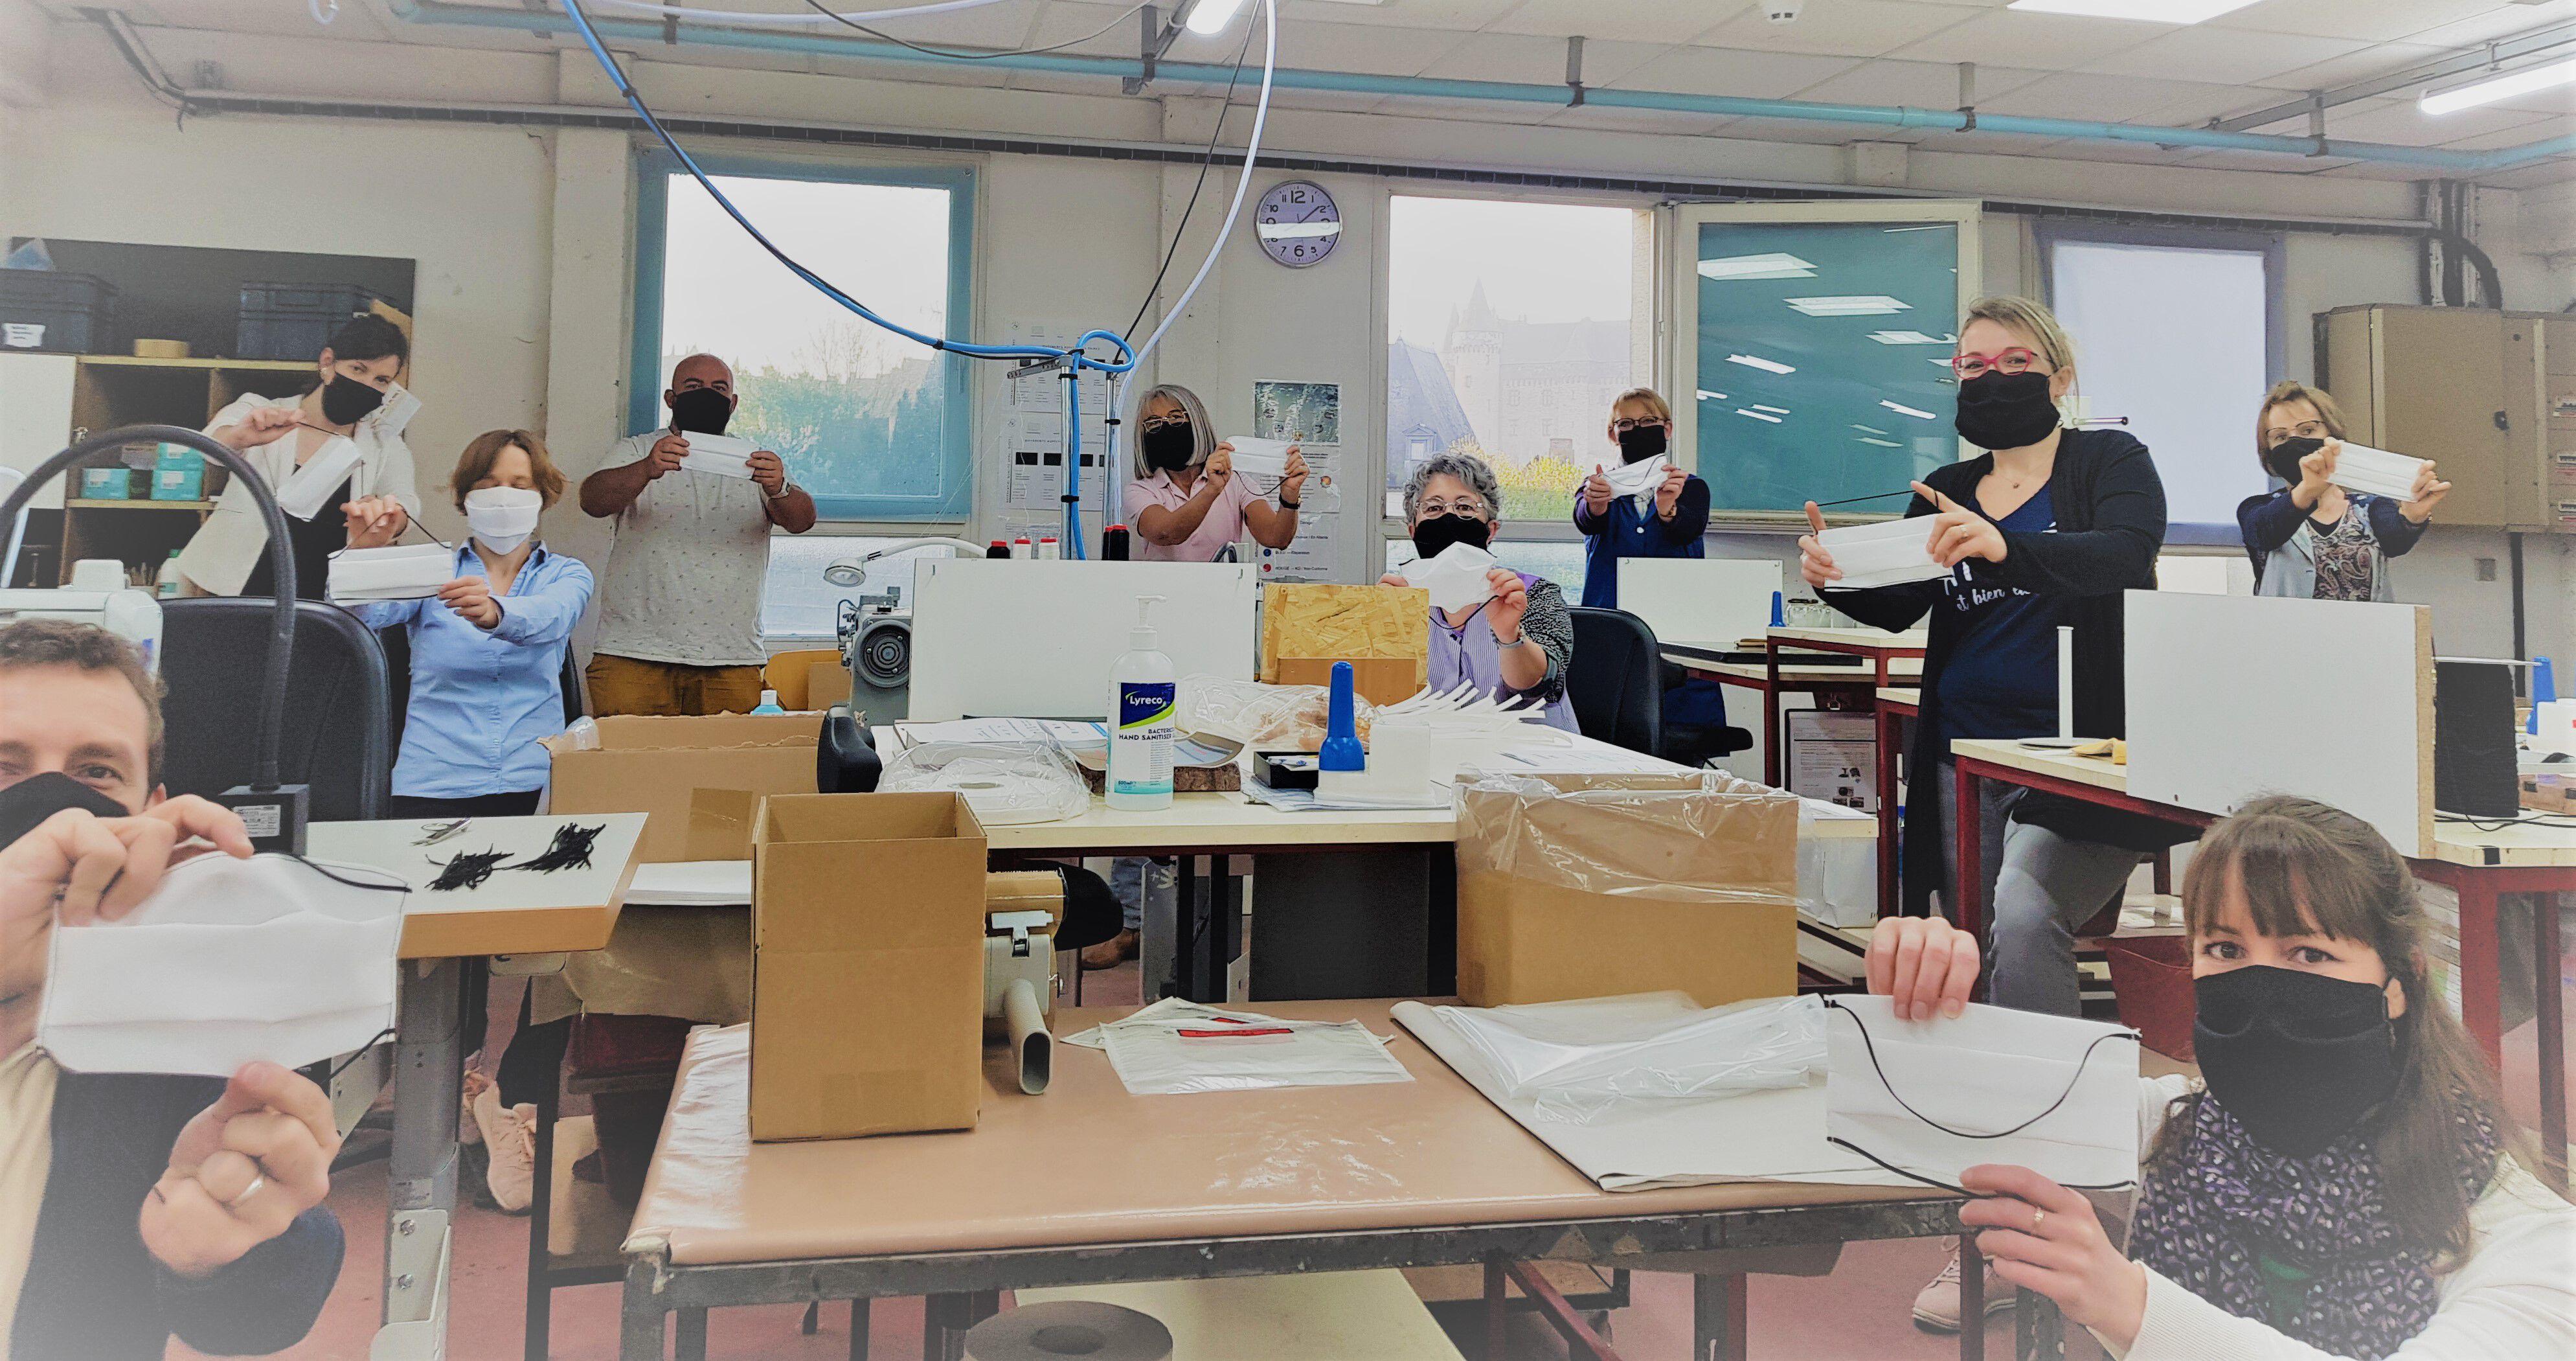 Equipe Les Georgettes avec un masque, contre coronavirus